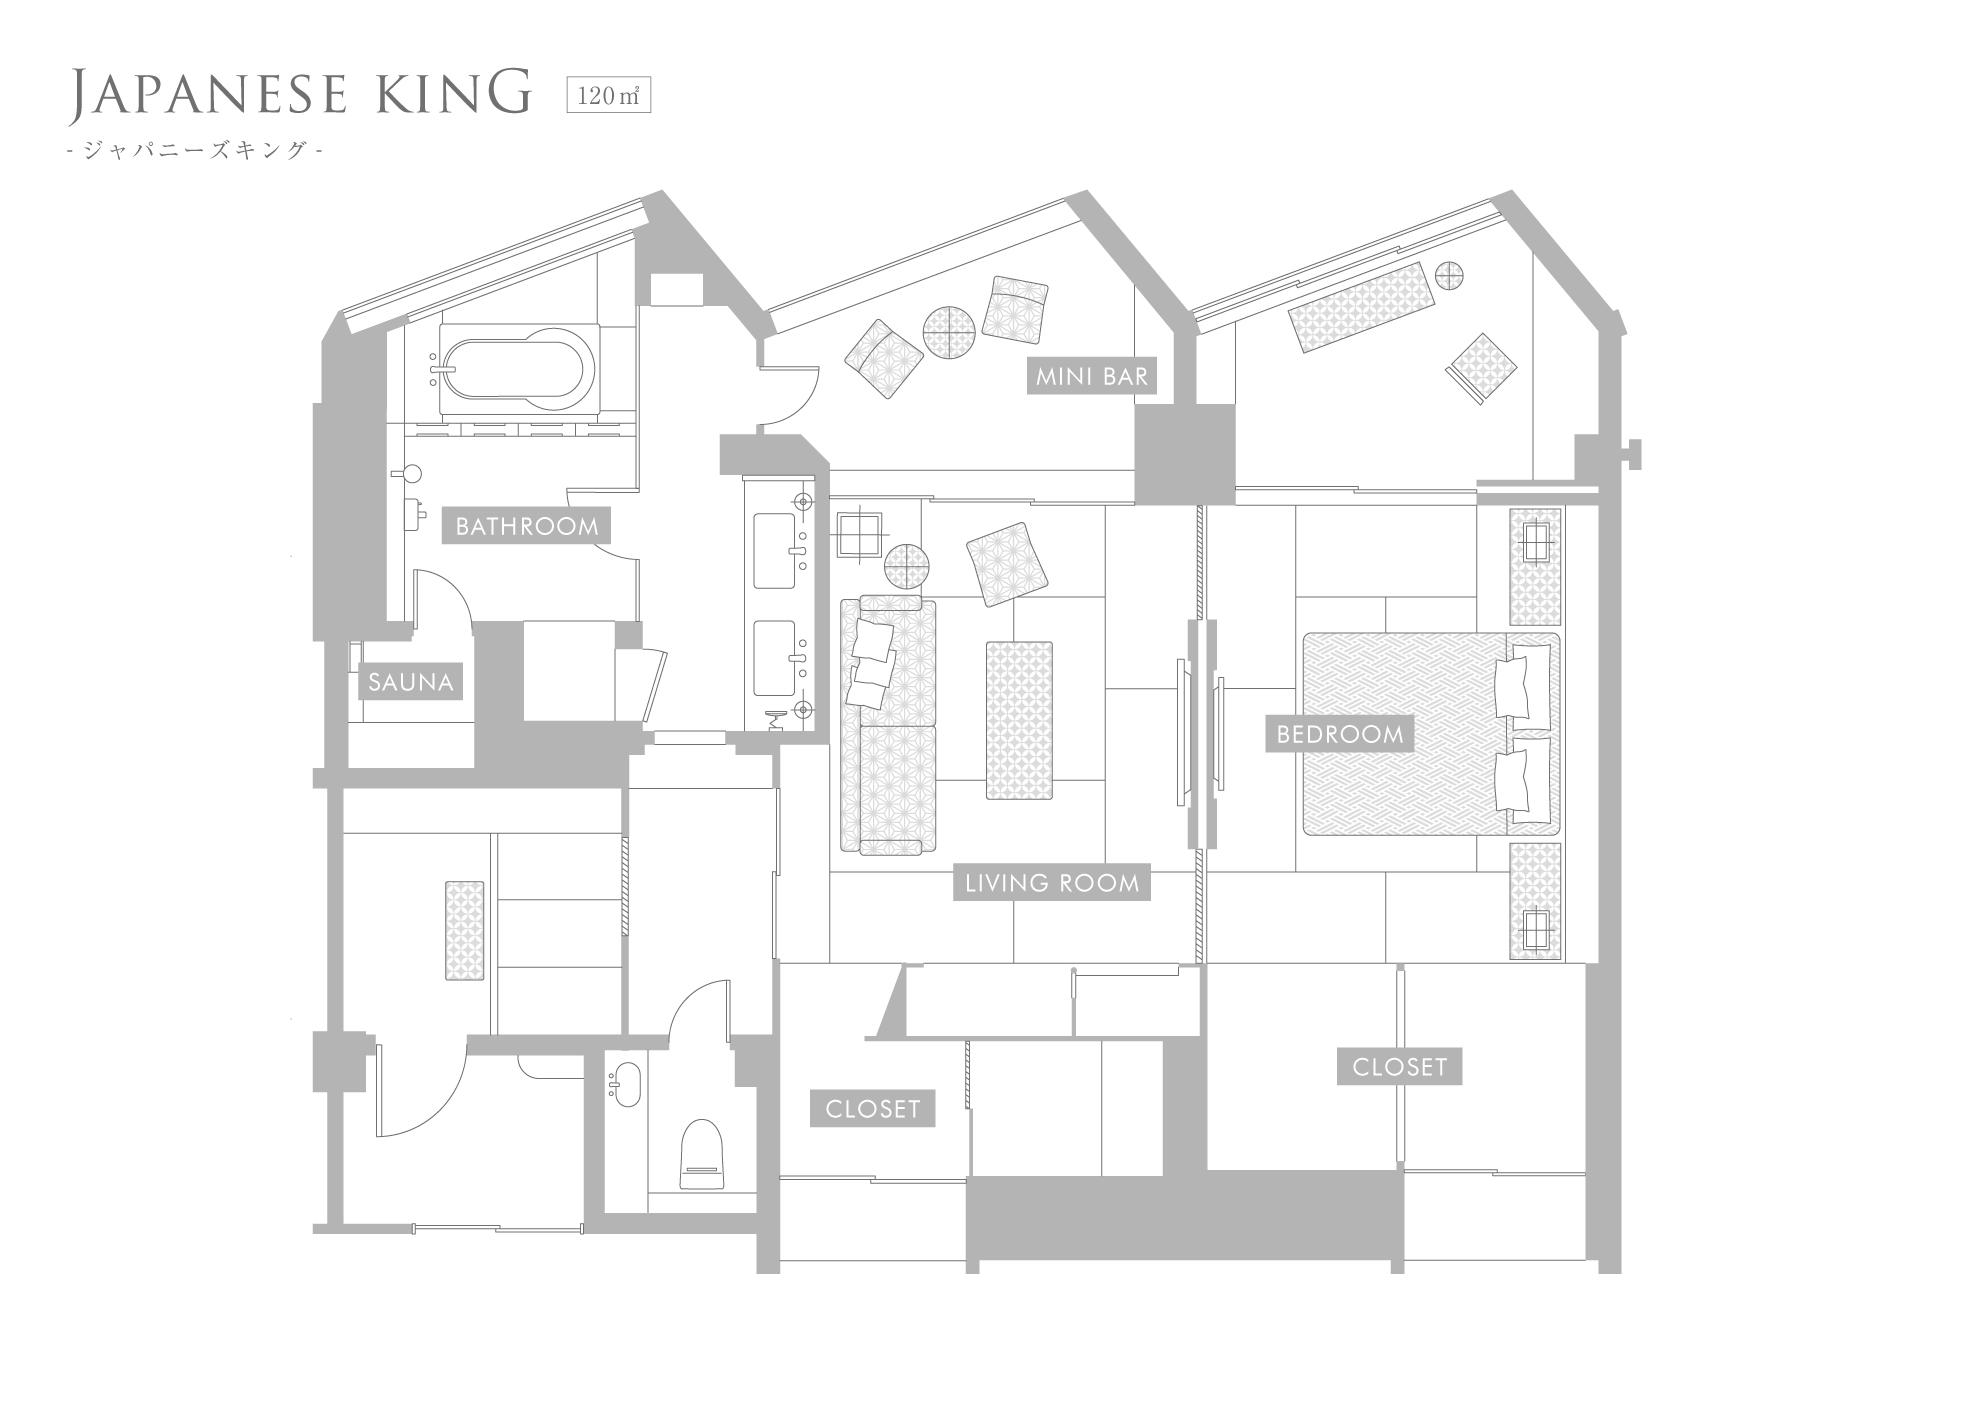 和室 120平米 キング